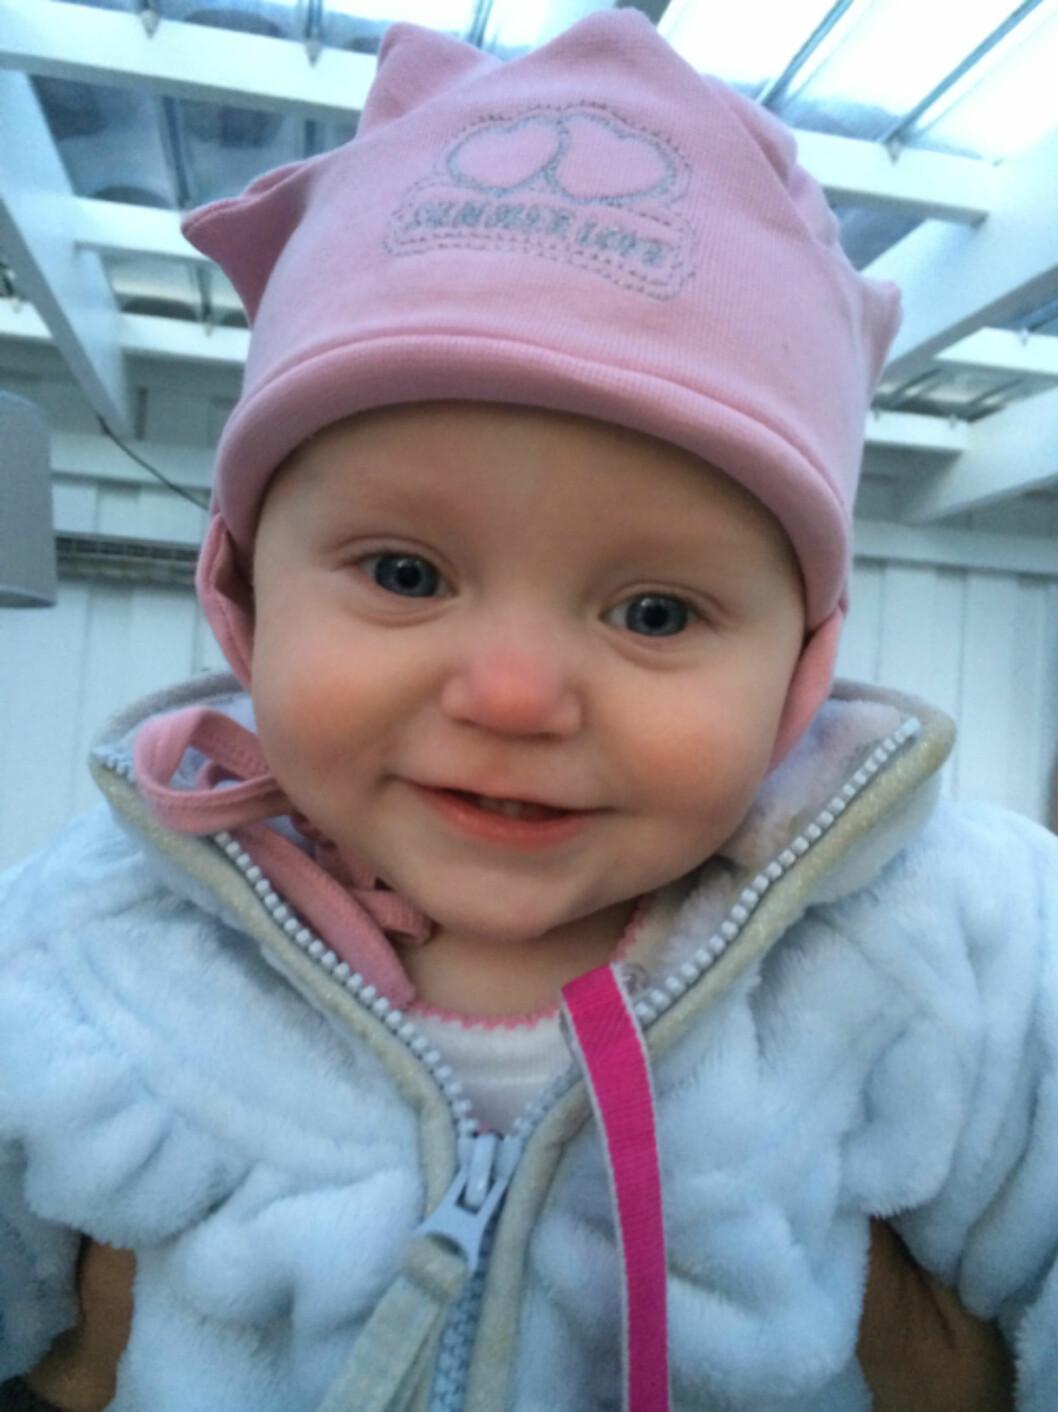 <strong>KORT LIV:</strong> Mariell døde i krybbedød da hun var ett og et halvt år gammel. - Svært uvanlig, sier barnelege. Foto: Privat